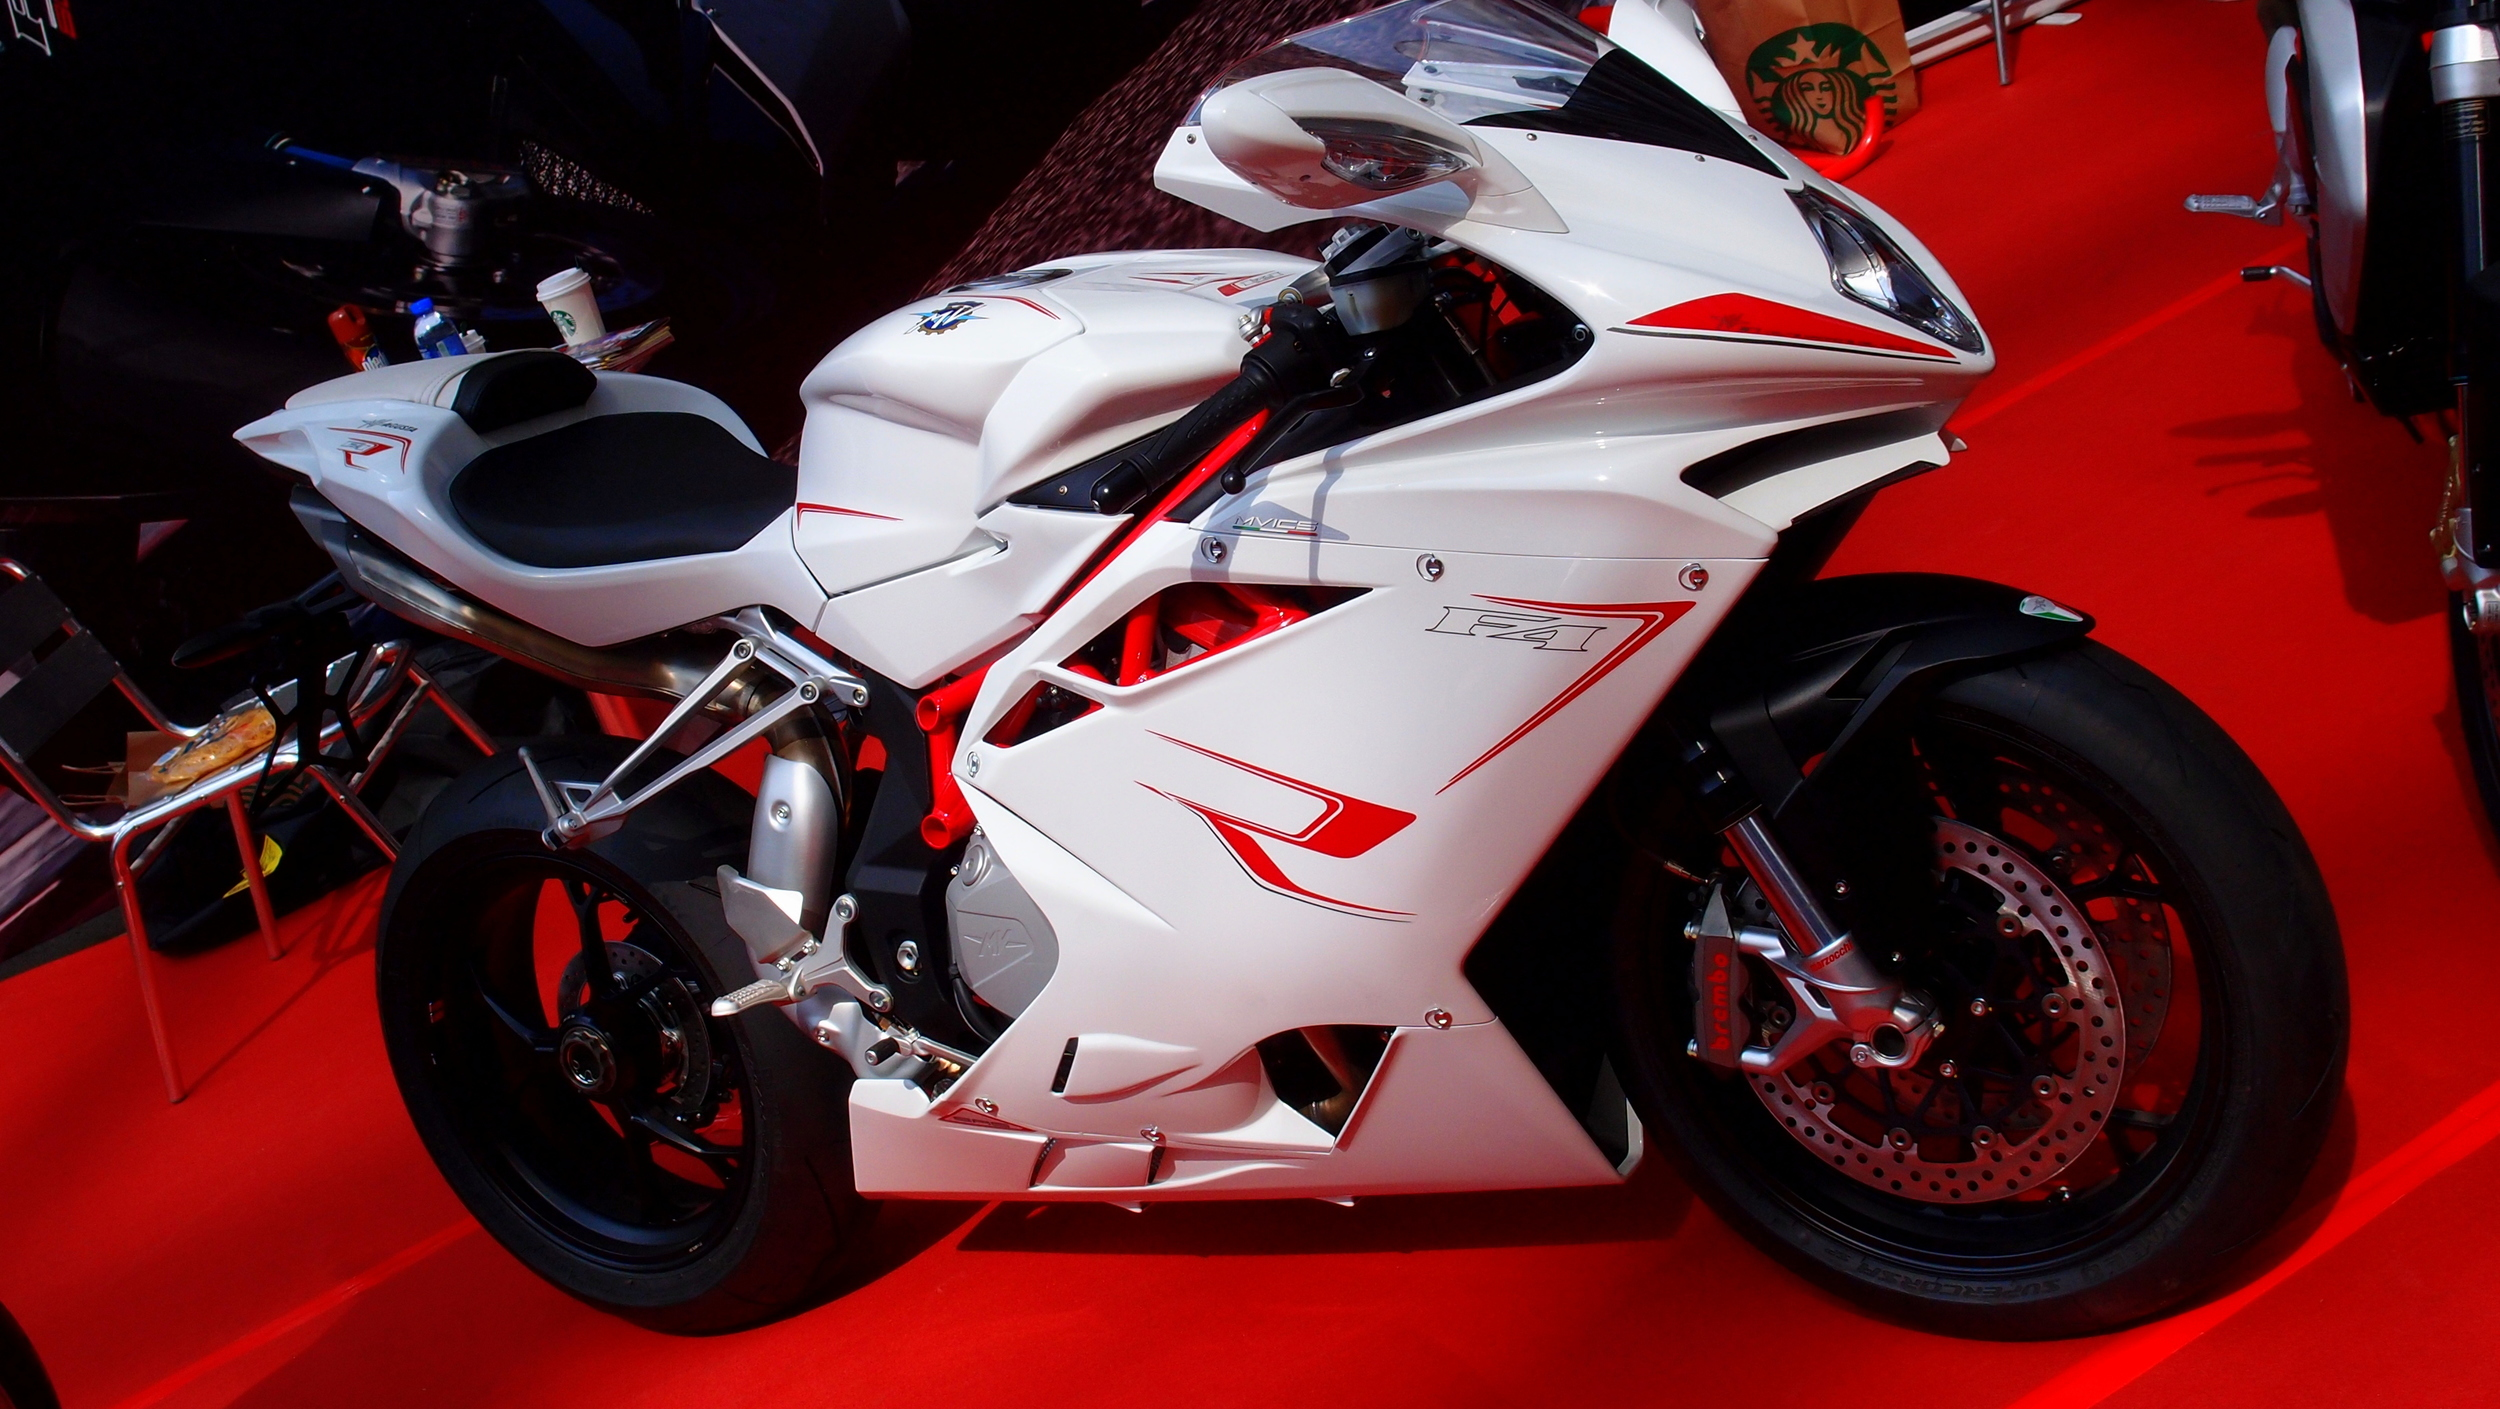 The Hong Kong Motorbike Show 2013